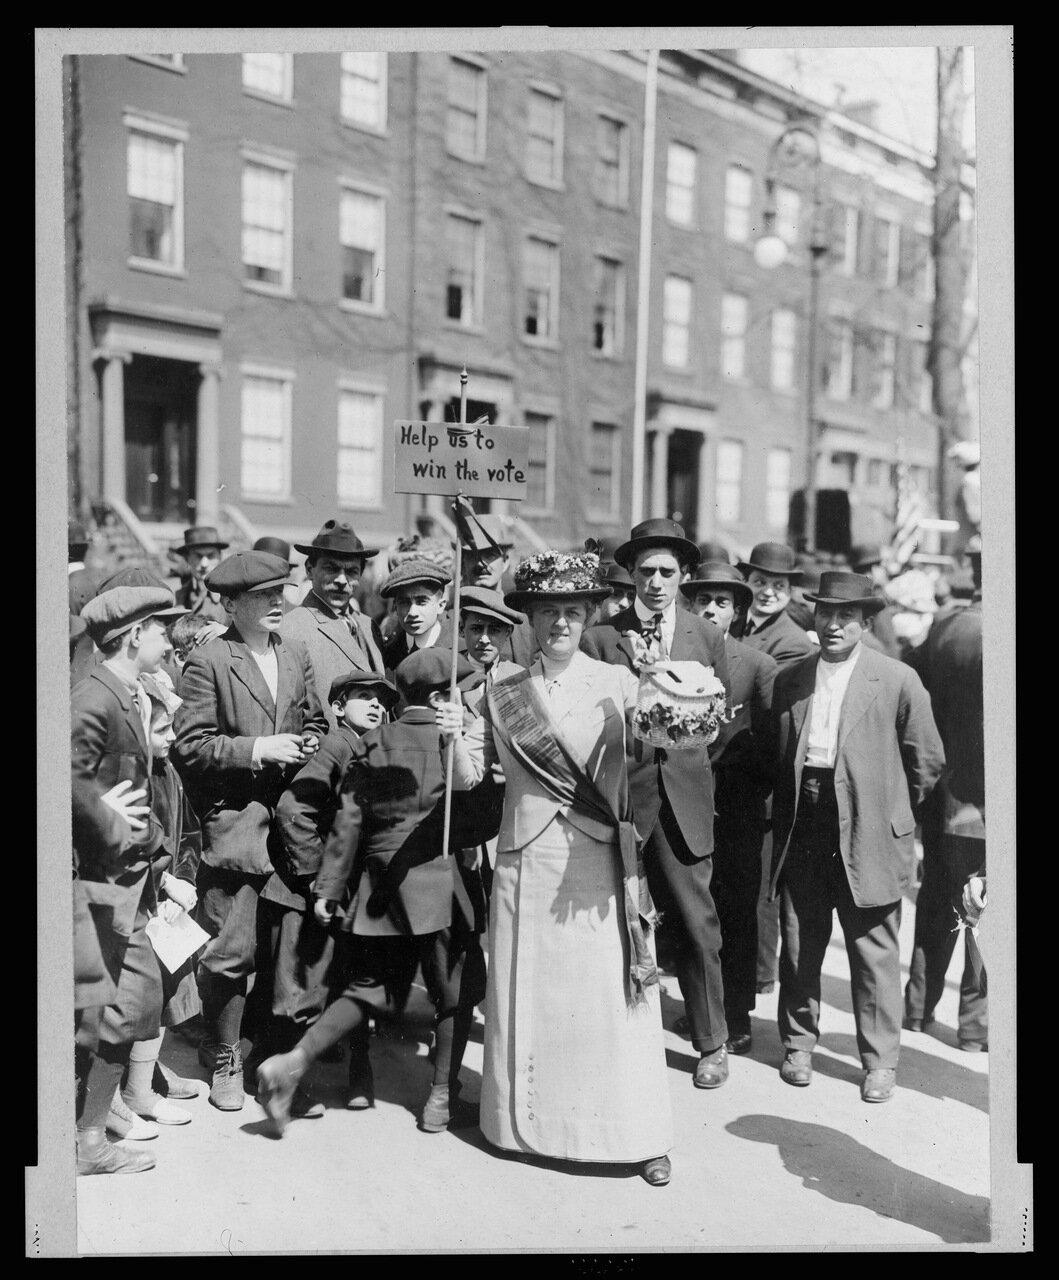 Г-жа Сафферн с самодельным плакатом на параде 3 марта 1913 г.